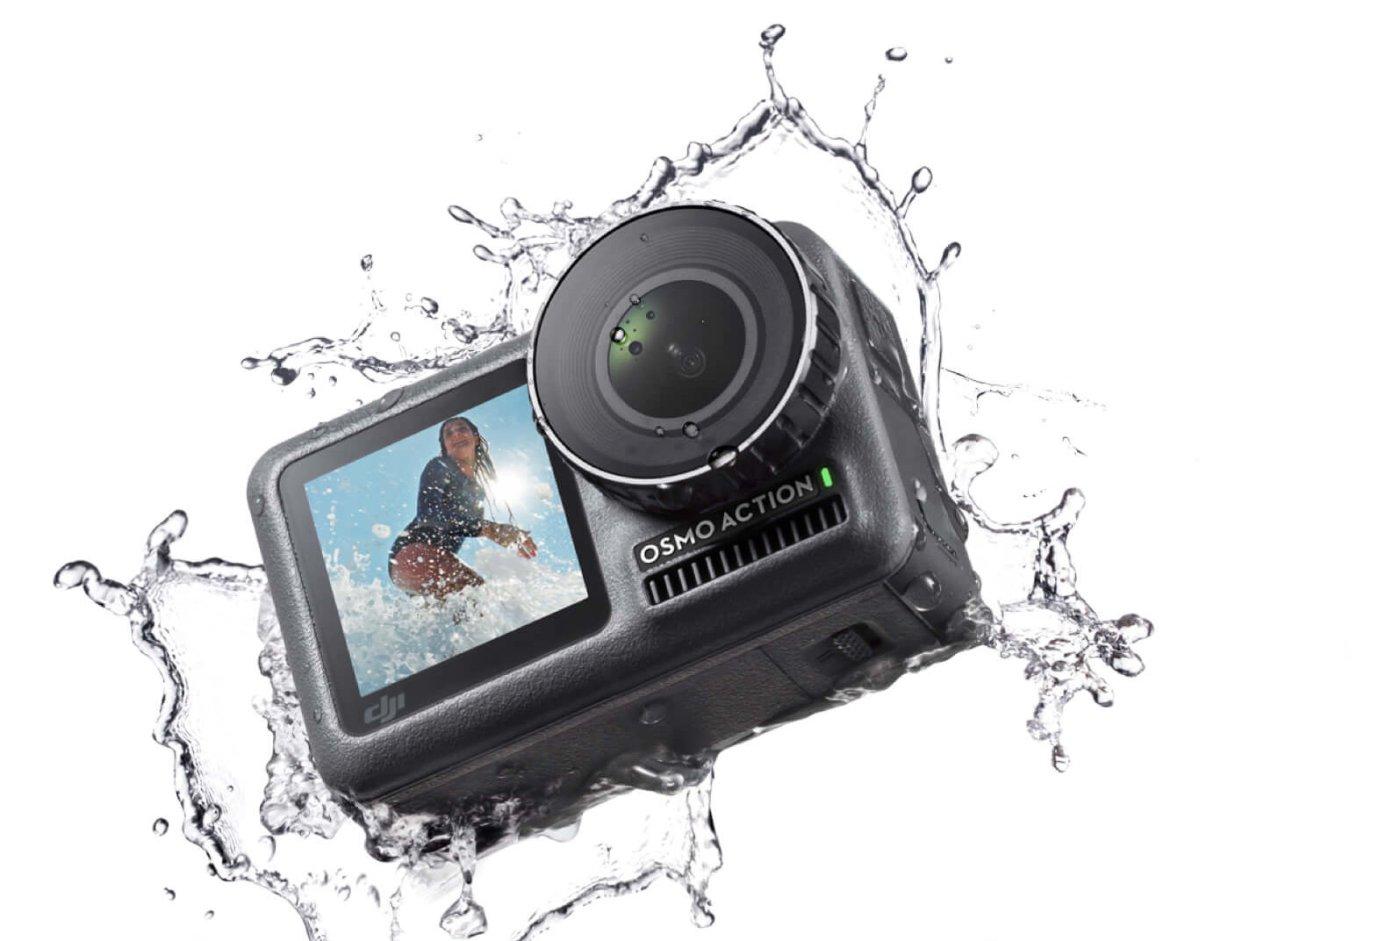 DJI Osmo Action: Kamera Aksi Perdana DJI, Penantang GoPro HERO7 Black